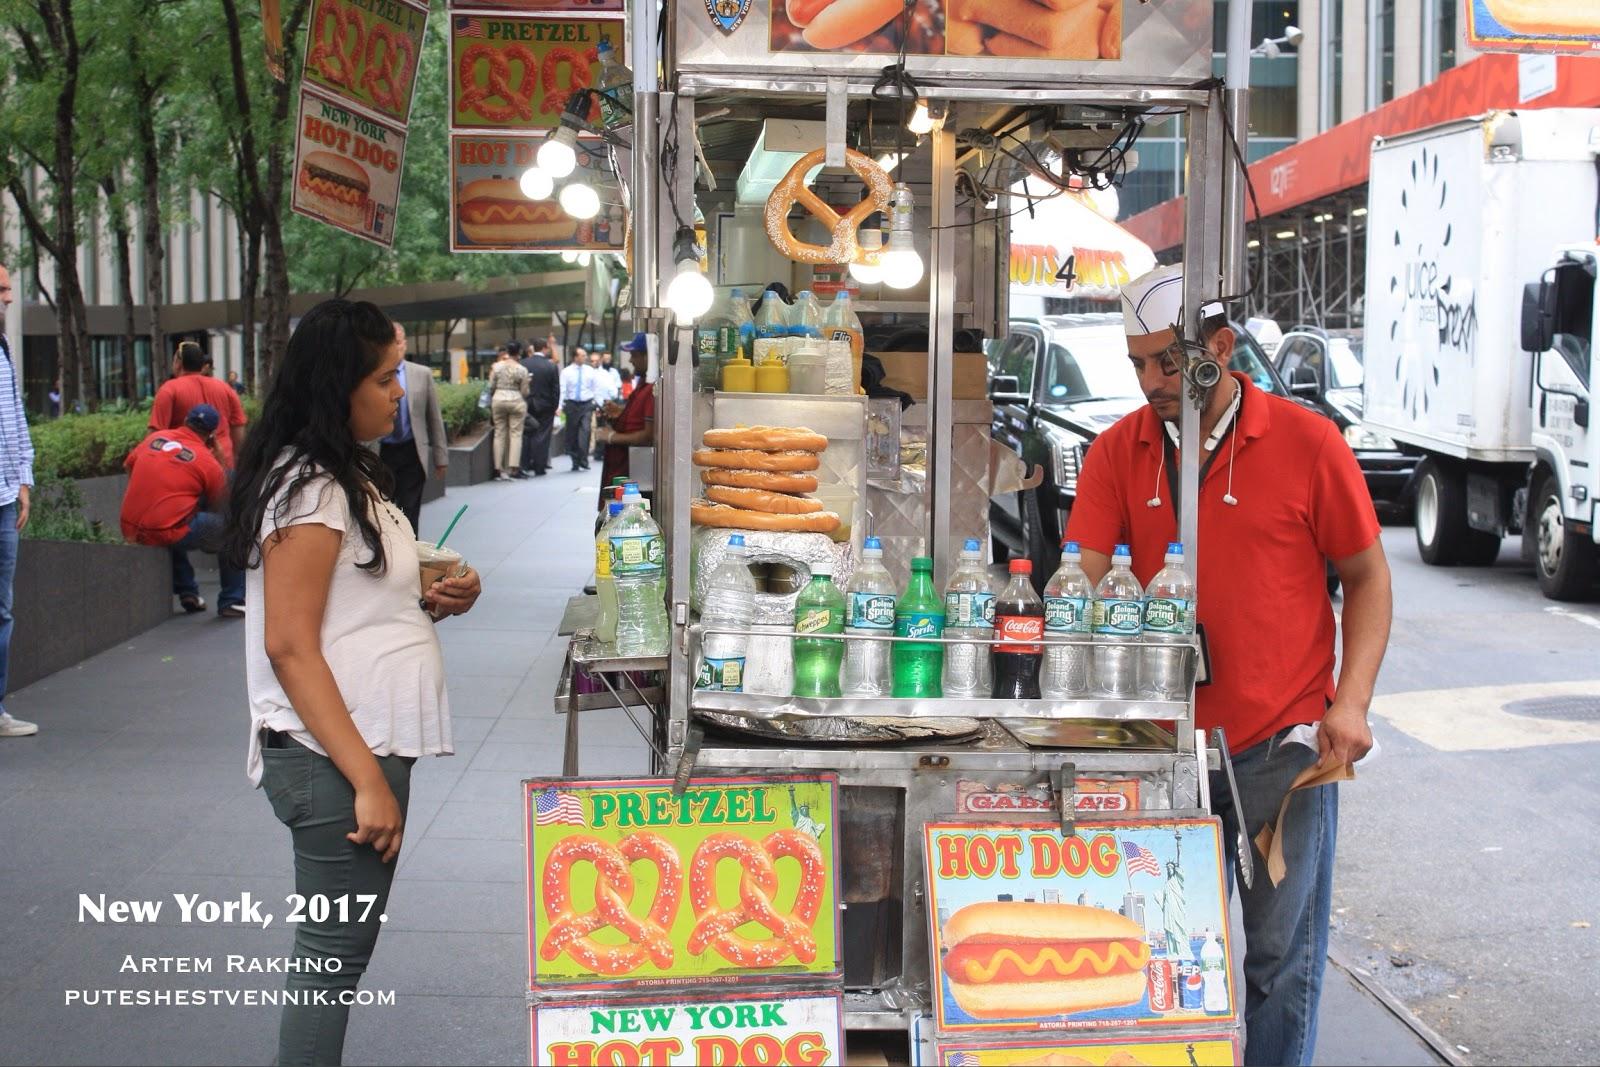 Кафе с хотдогами на улице в Нью-Йорке